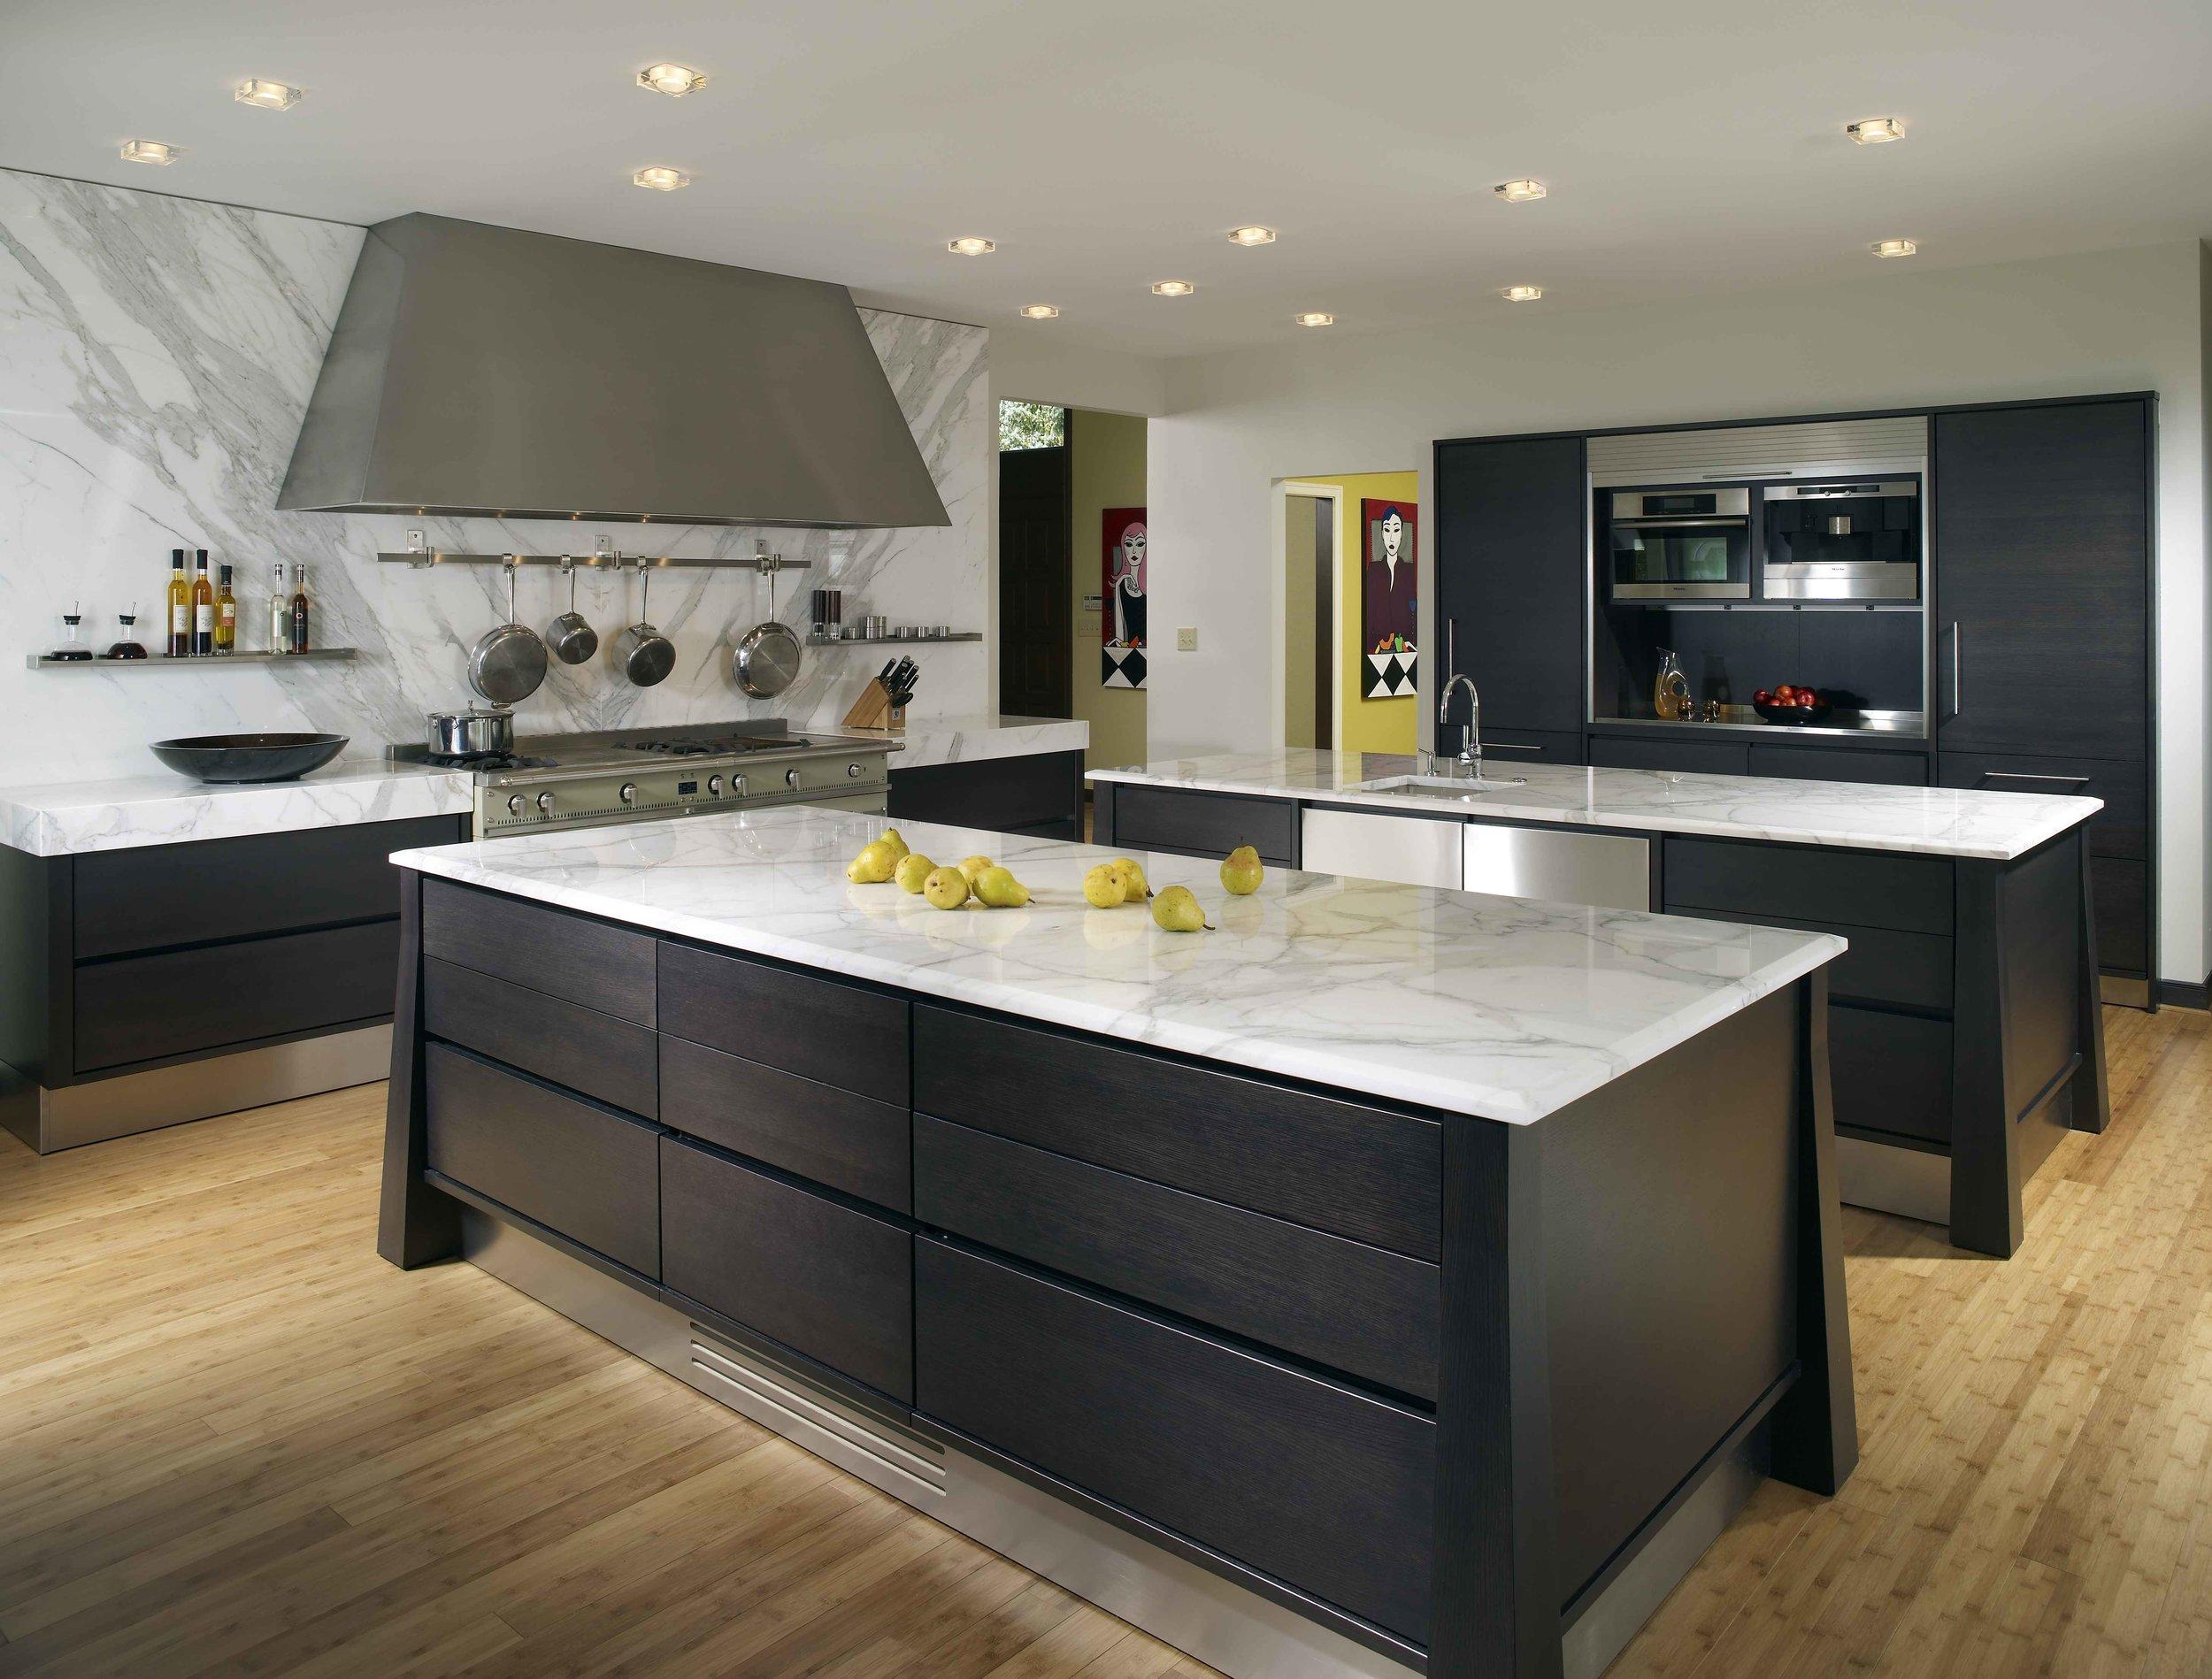 modern_kitchen_design_rules_70459_5834_4430.jpg